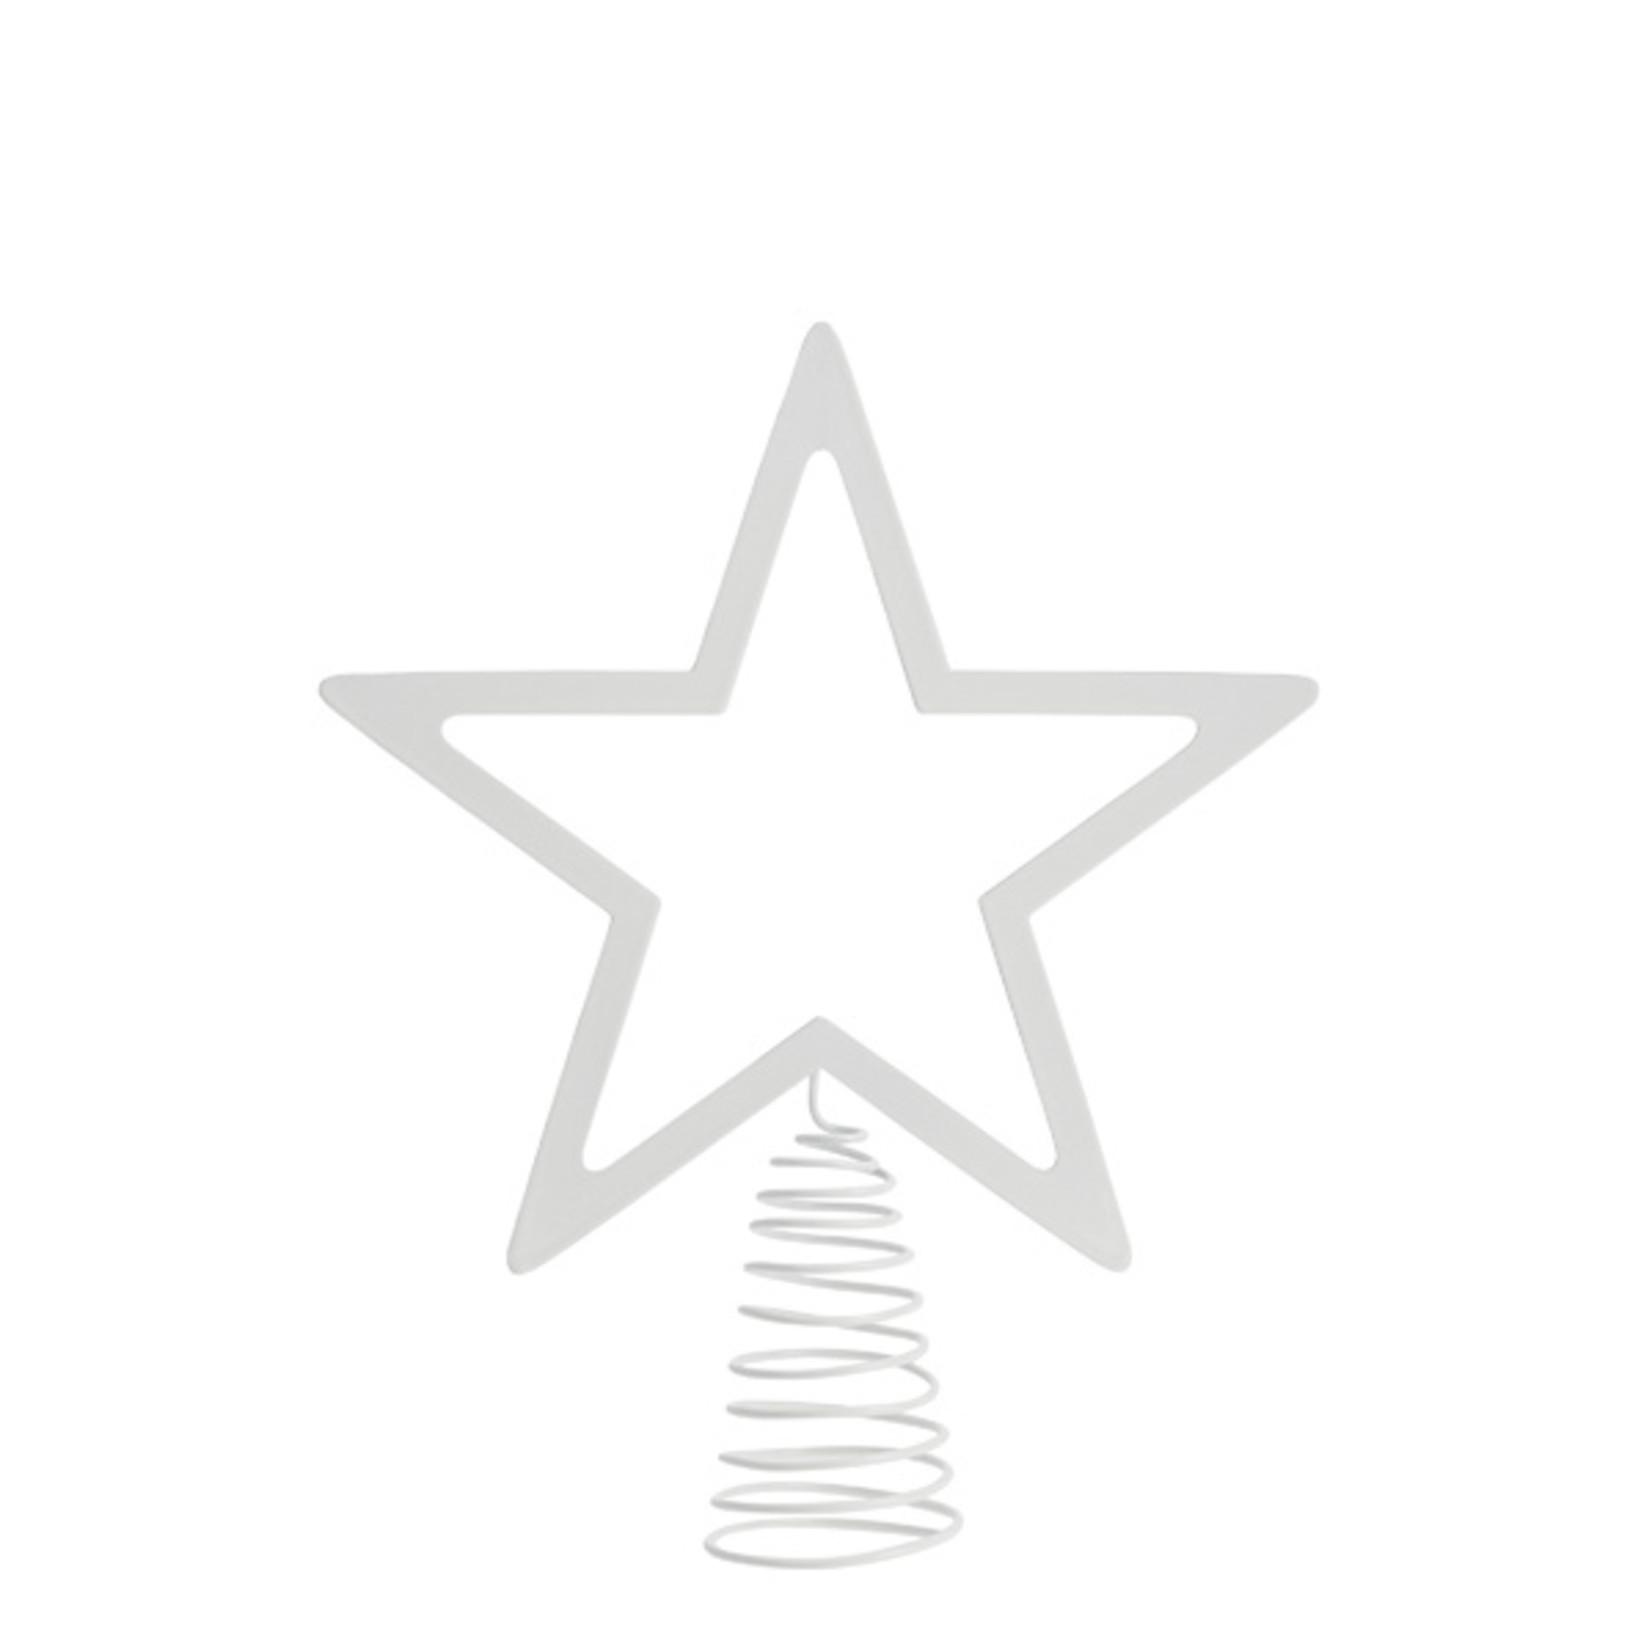 Storefactory  Tannenbaumspitze Starby